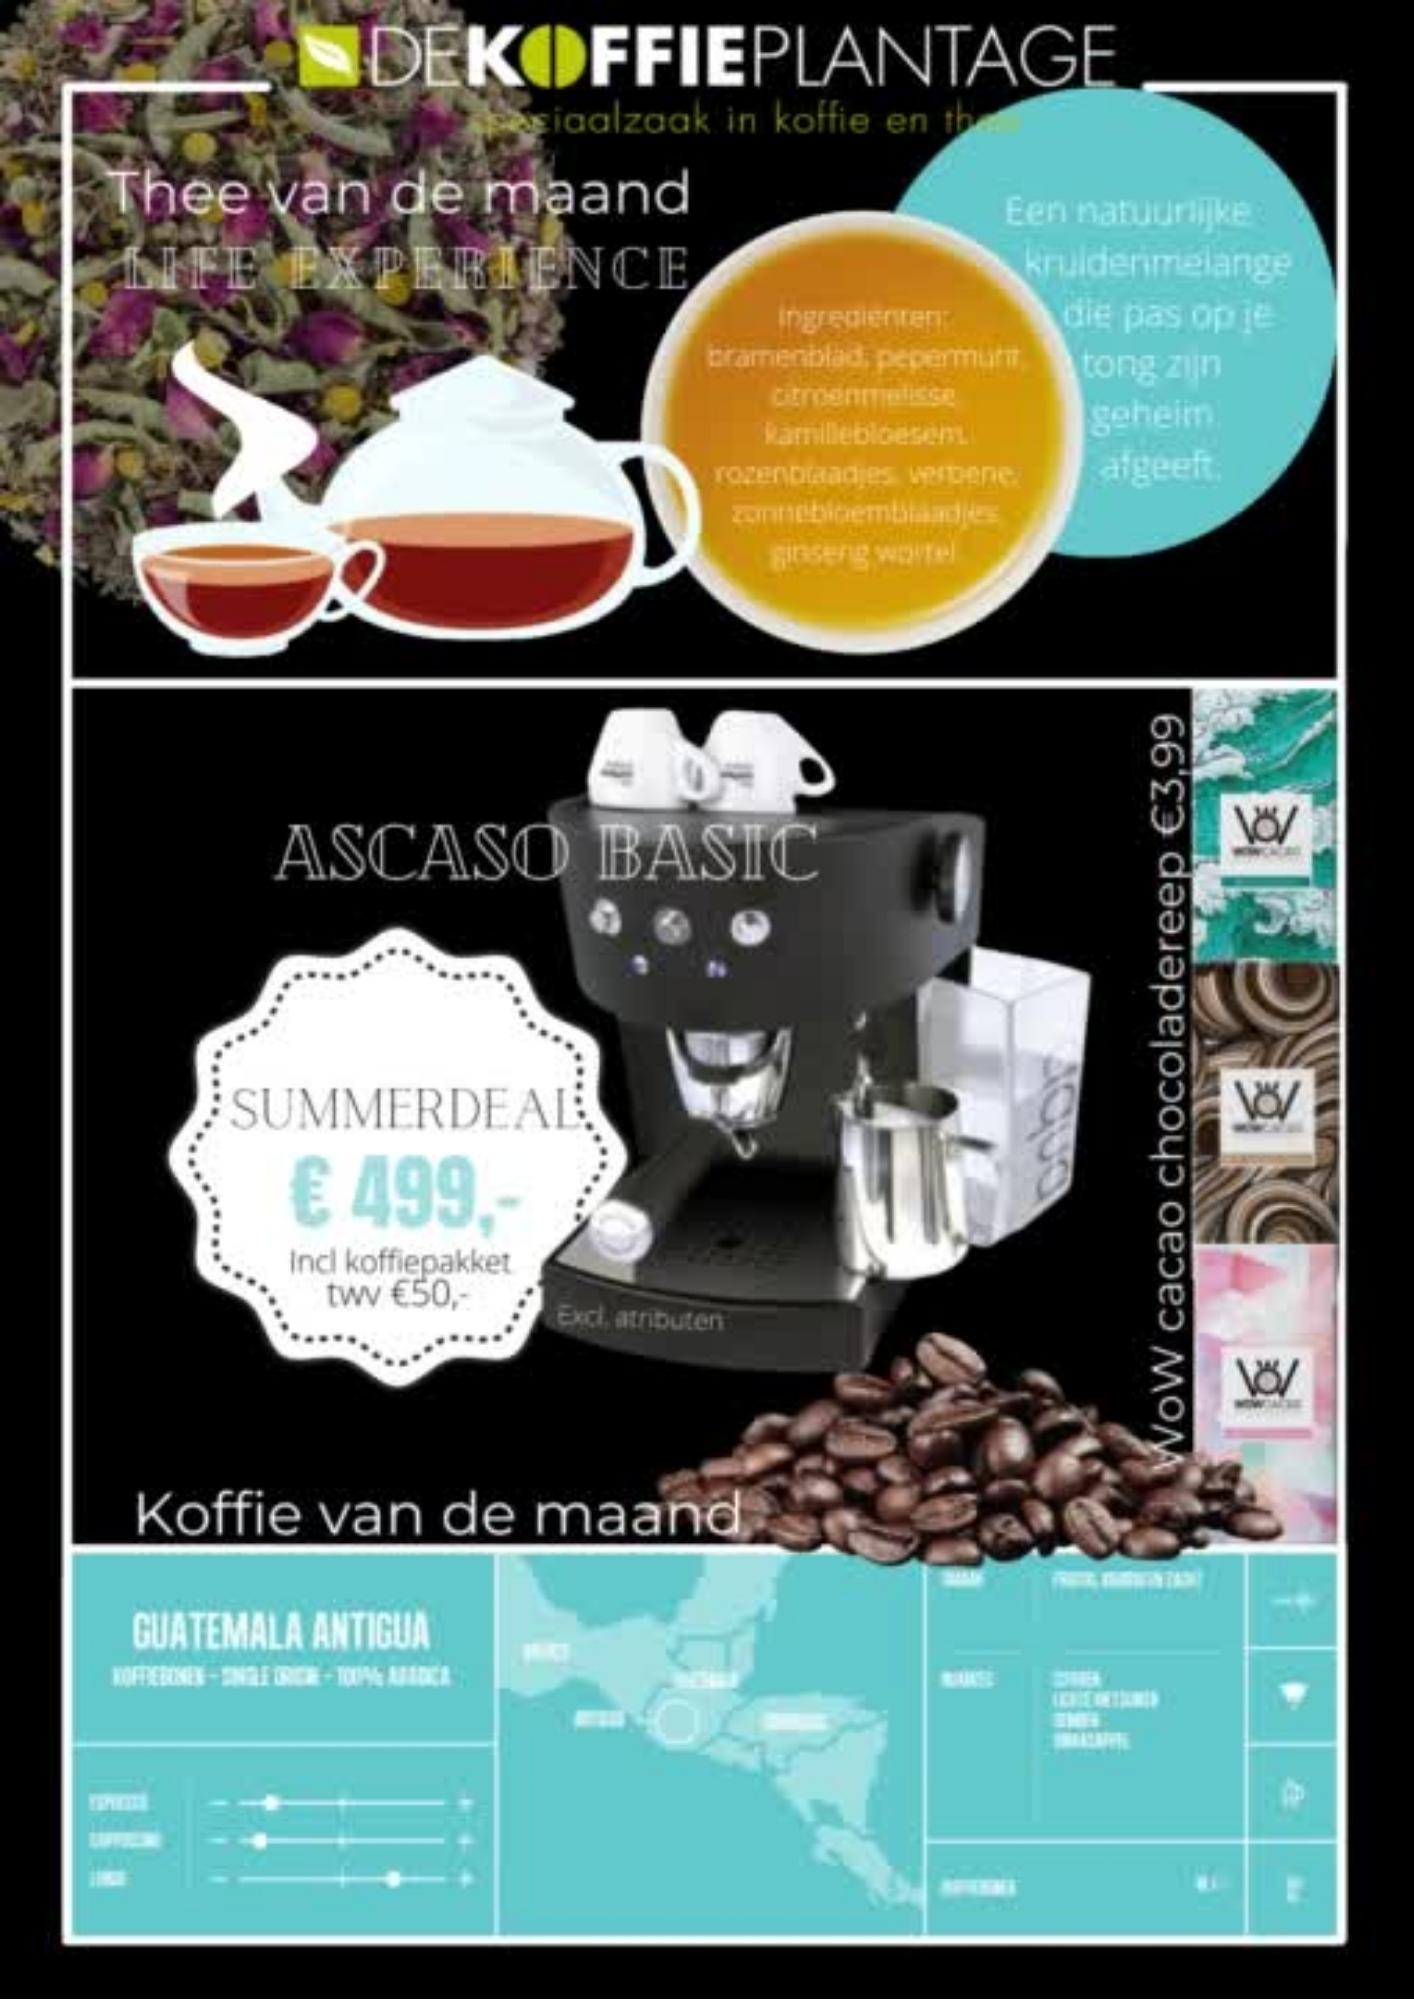 Nieuwsbrief Augustus de Koffieplantage